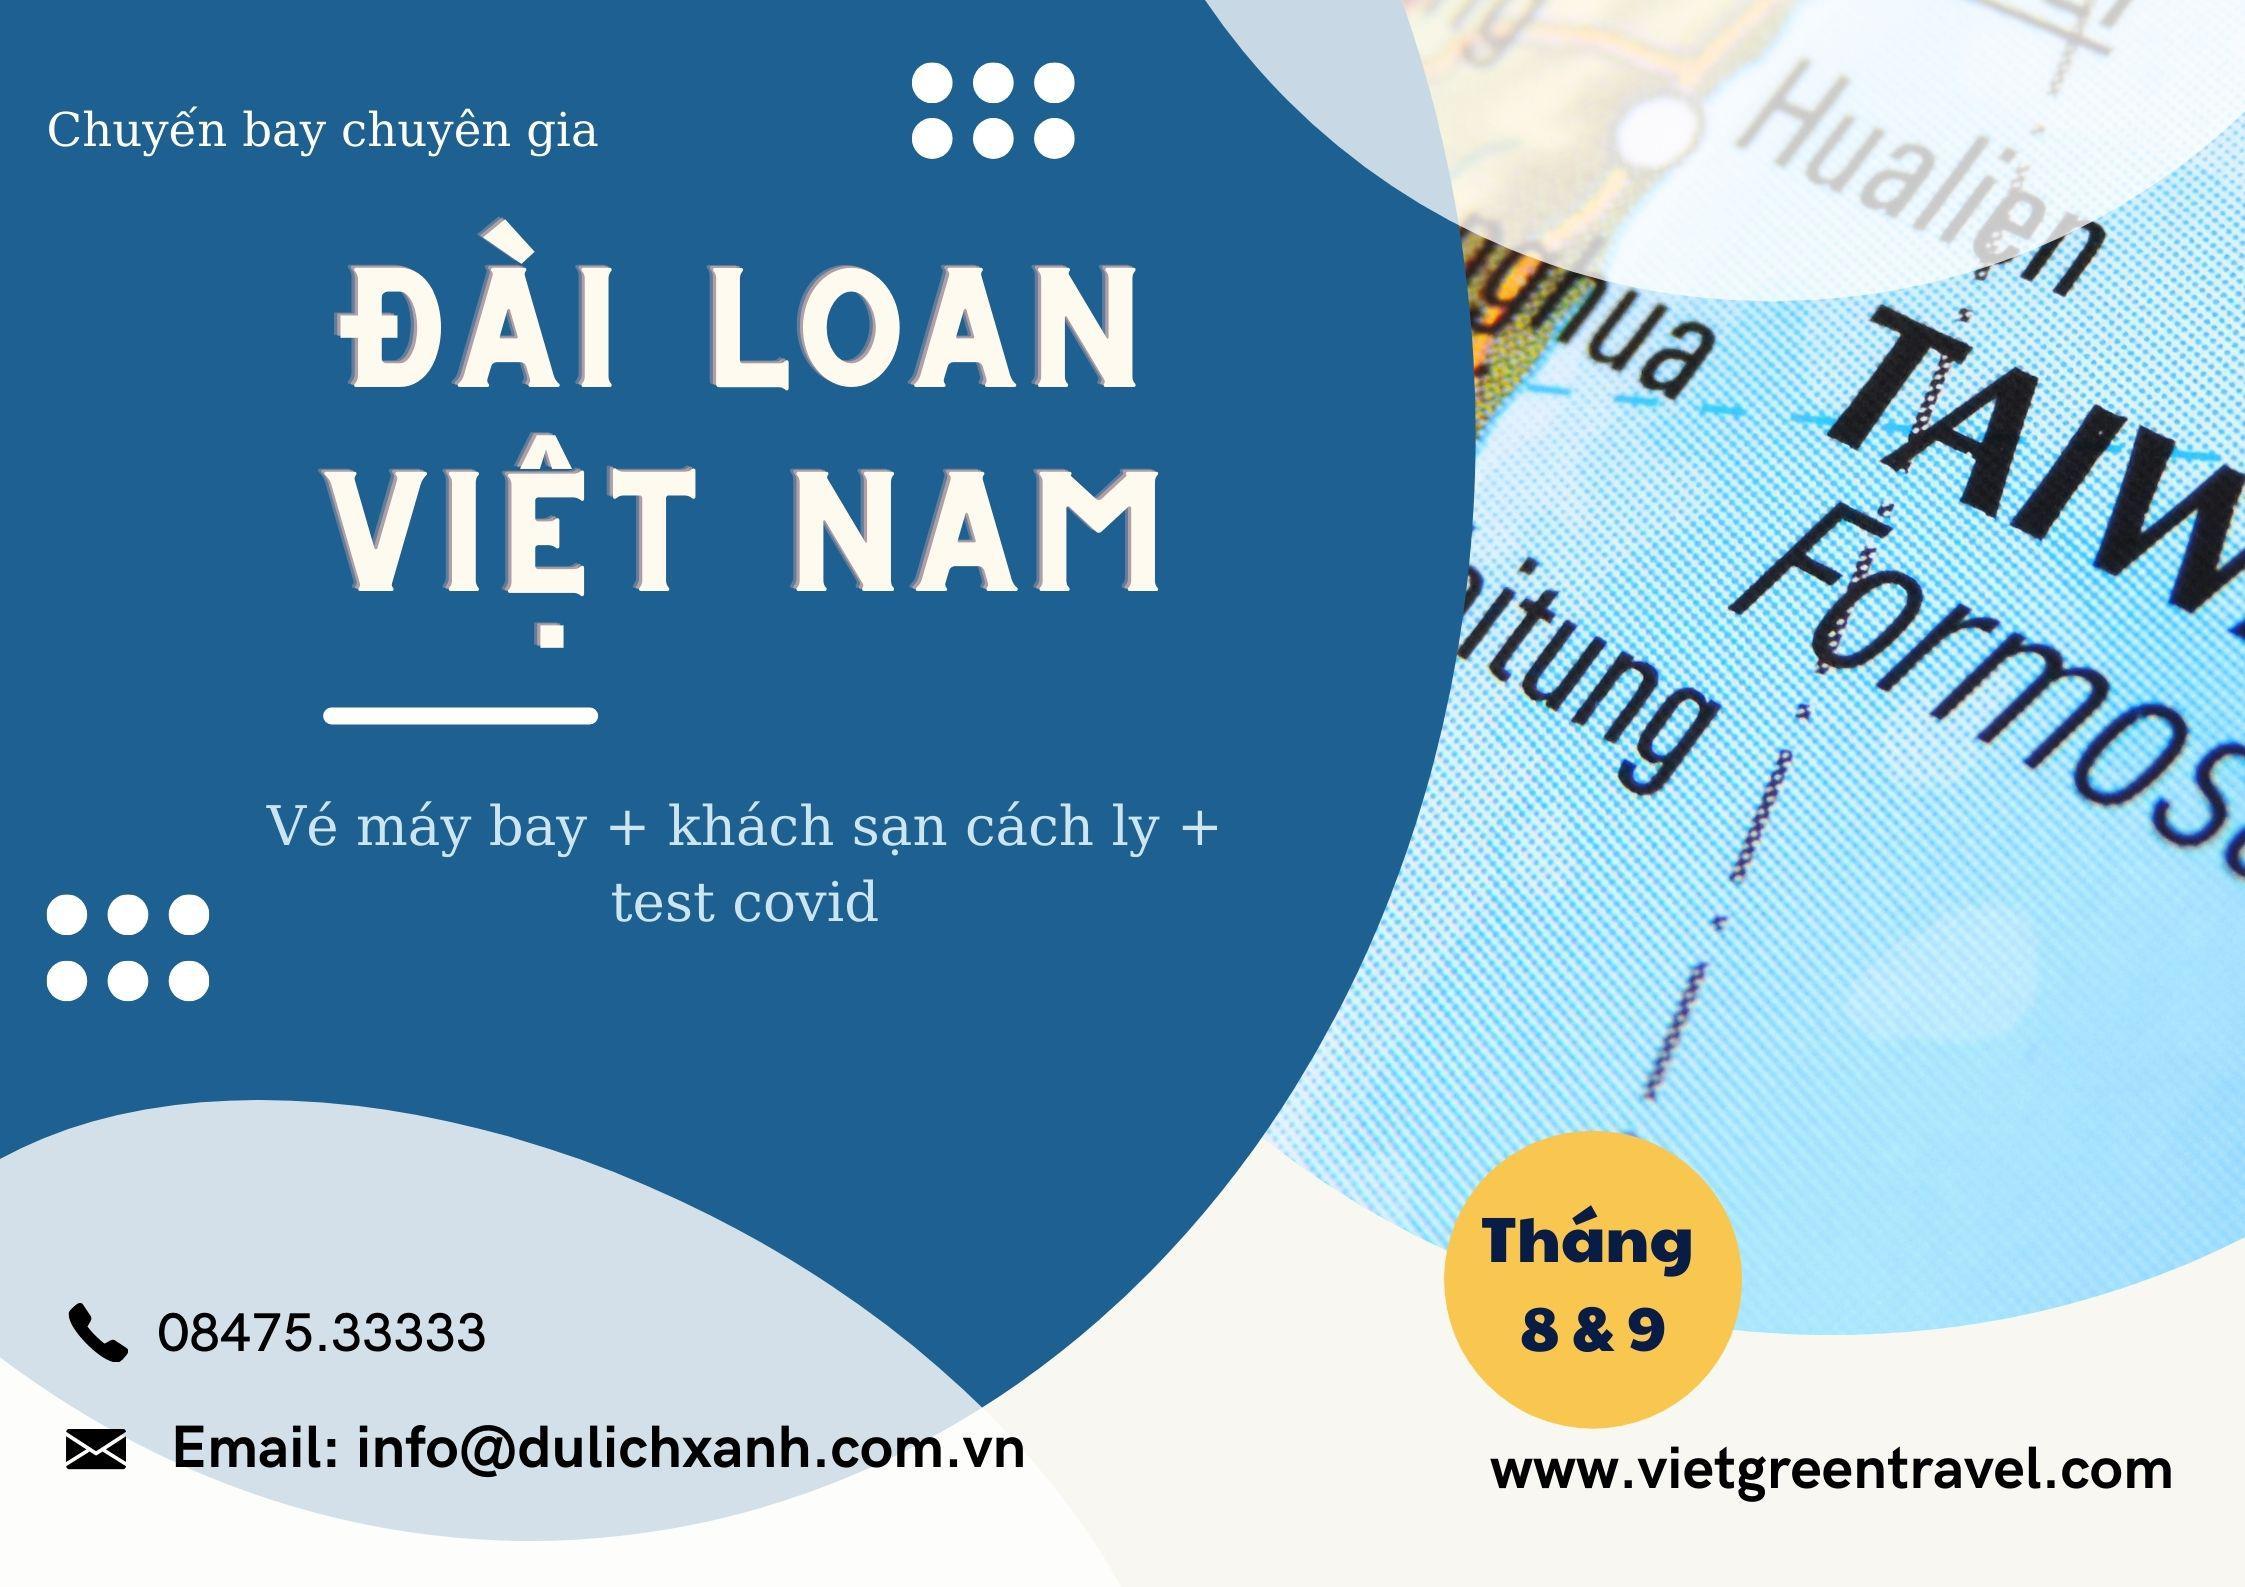 Lịch bay chuyên gia từ Đài Loan về Việt Nam tháng 8 & 9